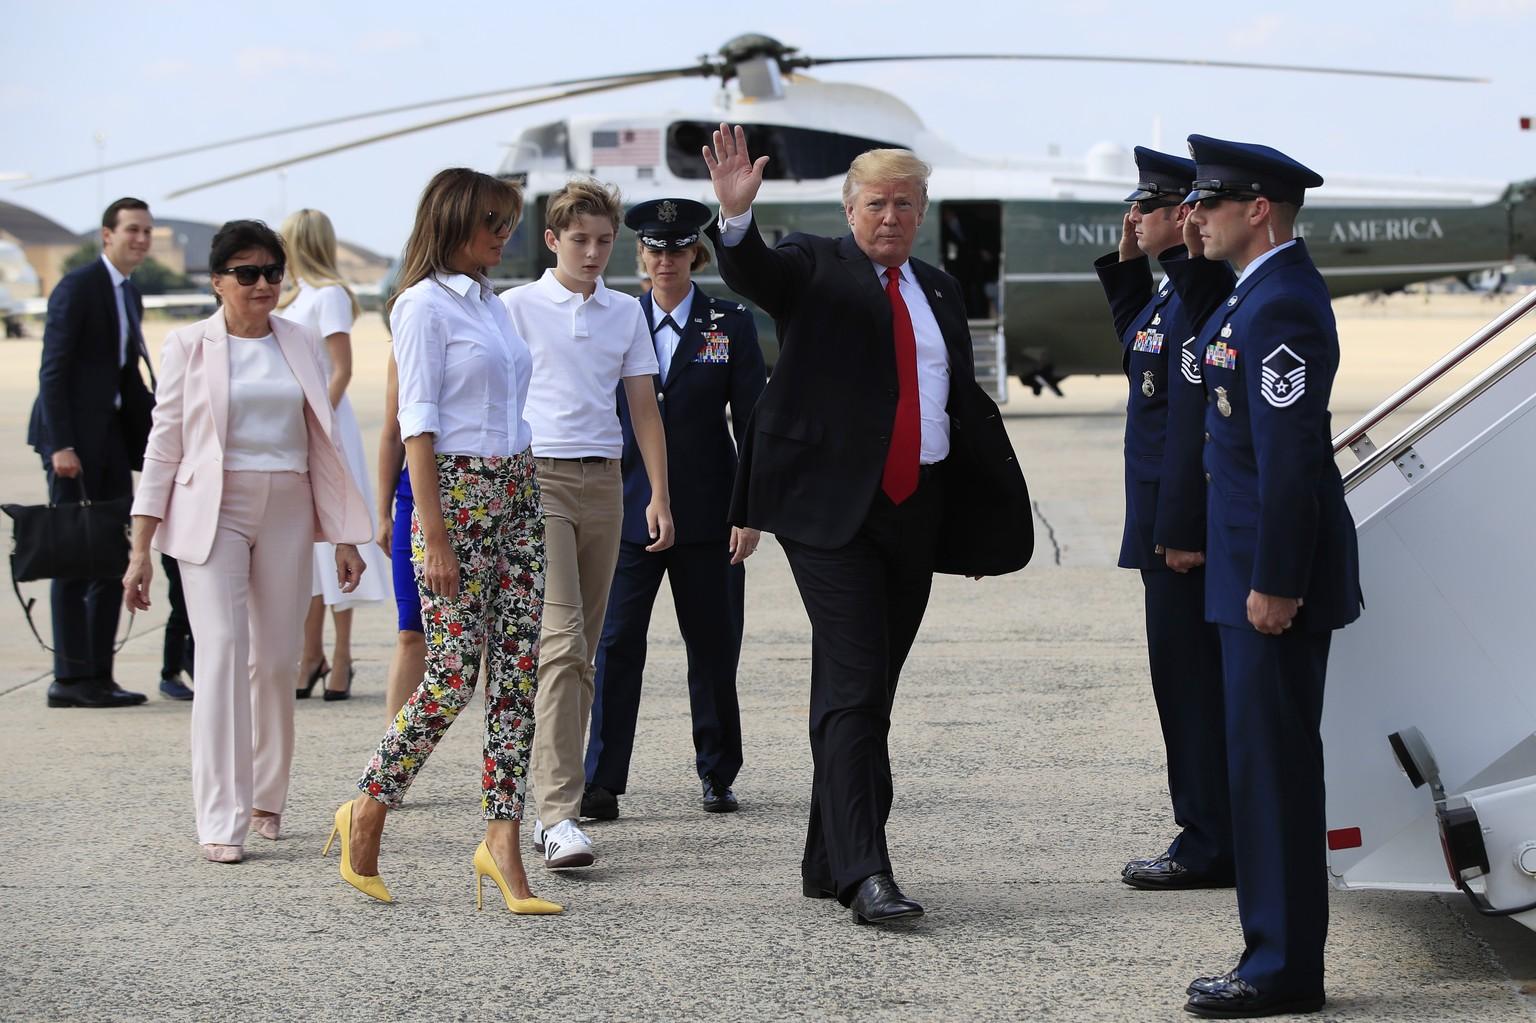 US-Präsident: Scherzanrufer zu Trump in Flugzeug Air Force One durchgestellt - USA